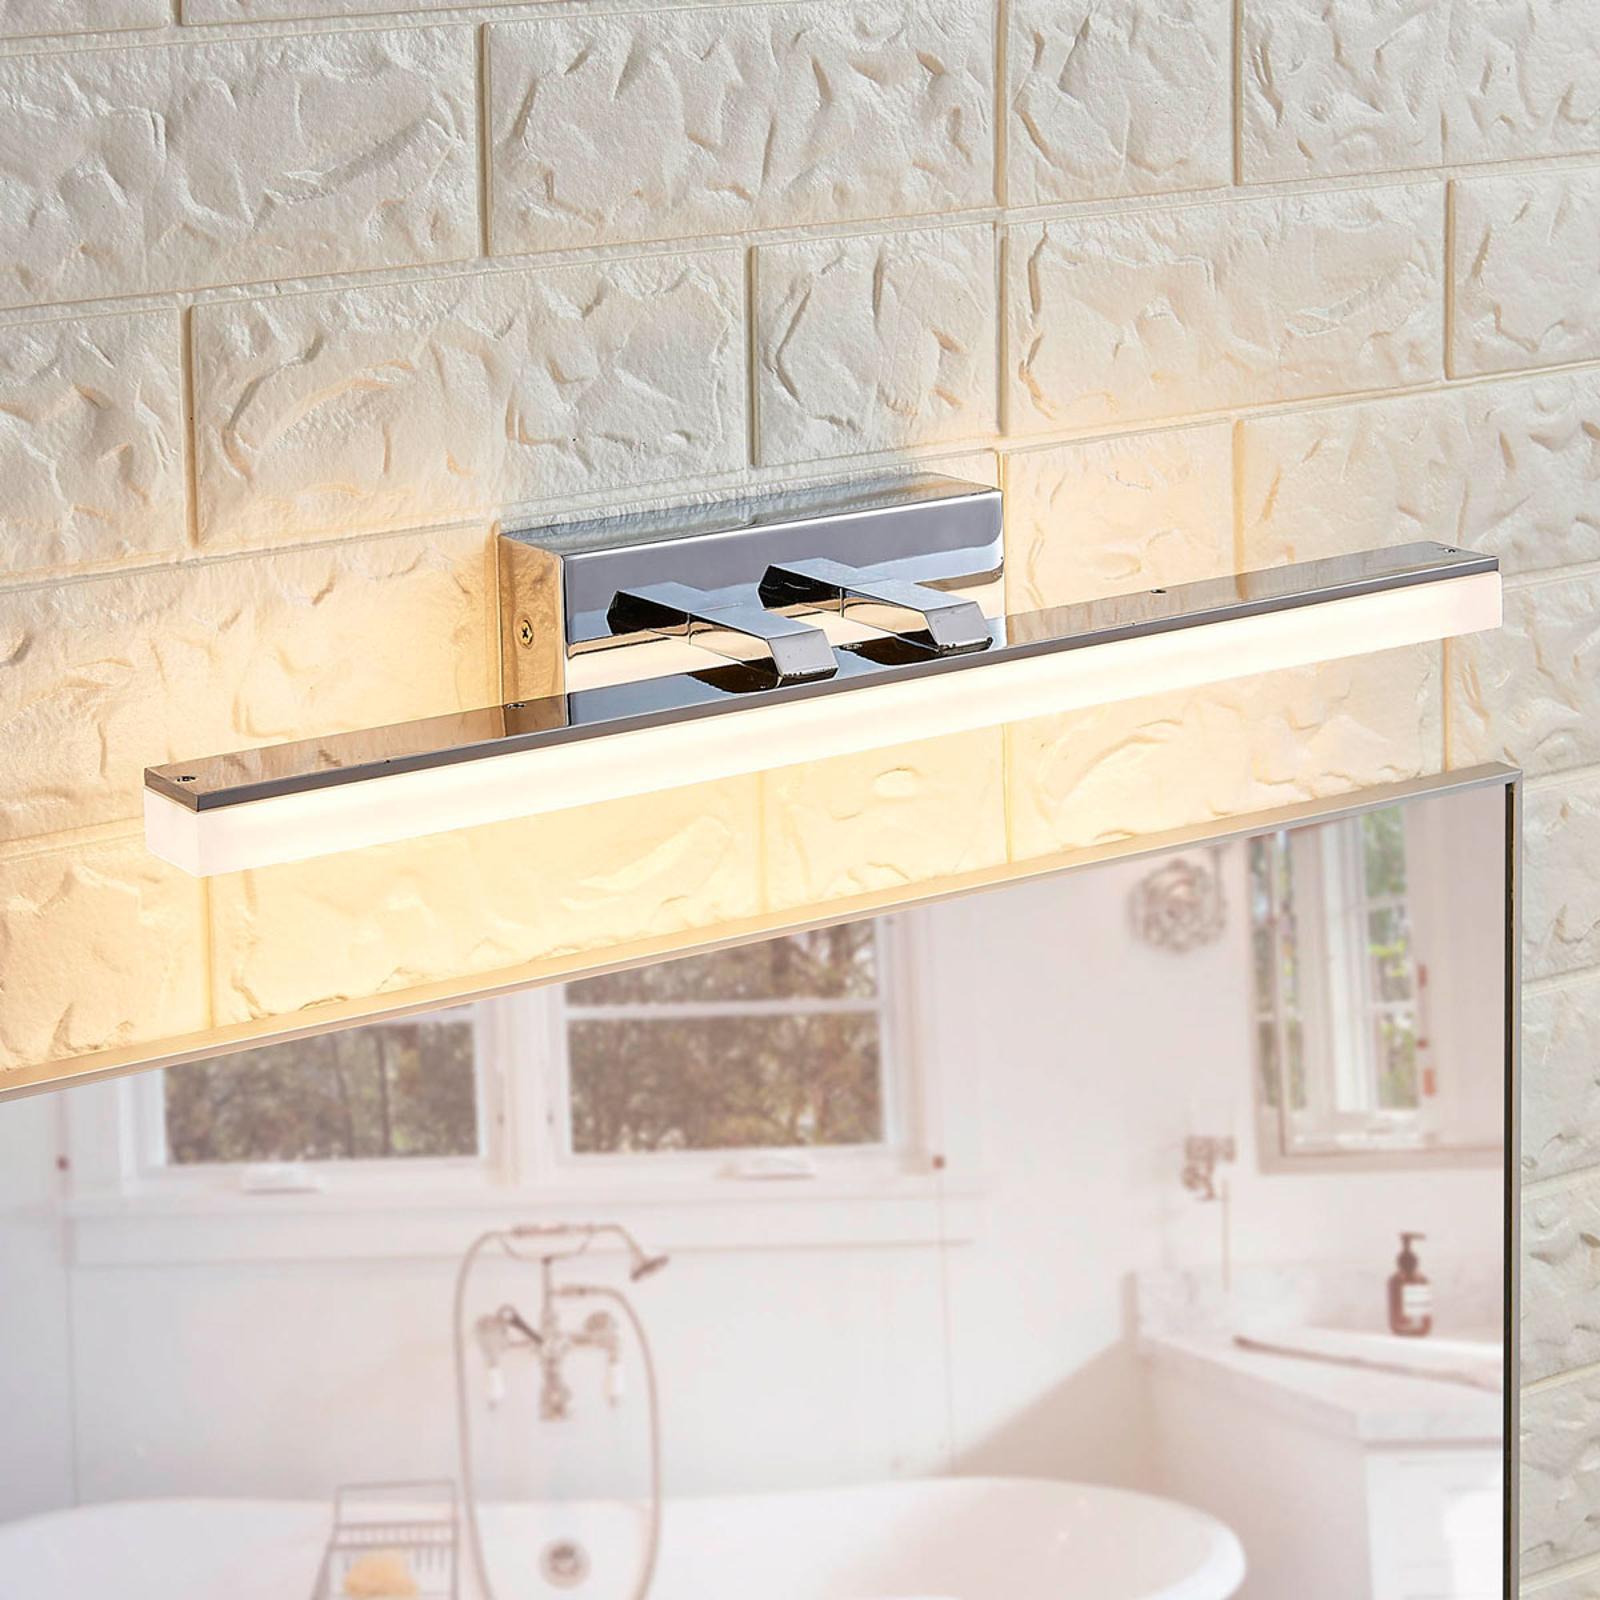 Julie - aflang LED væglampe til badeværelset